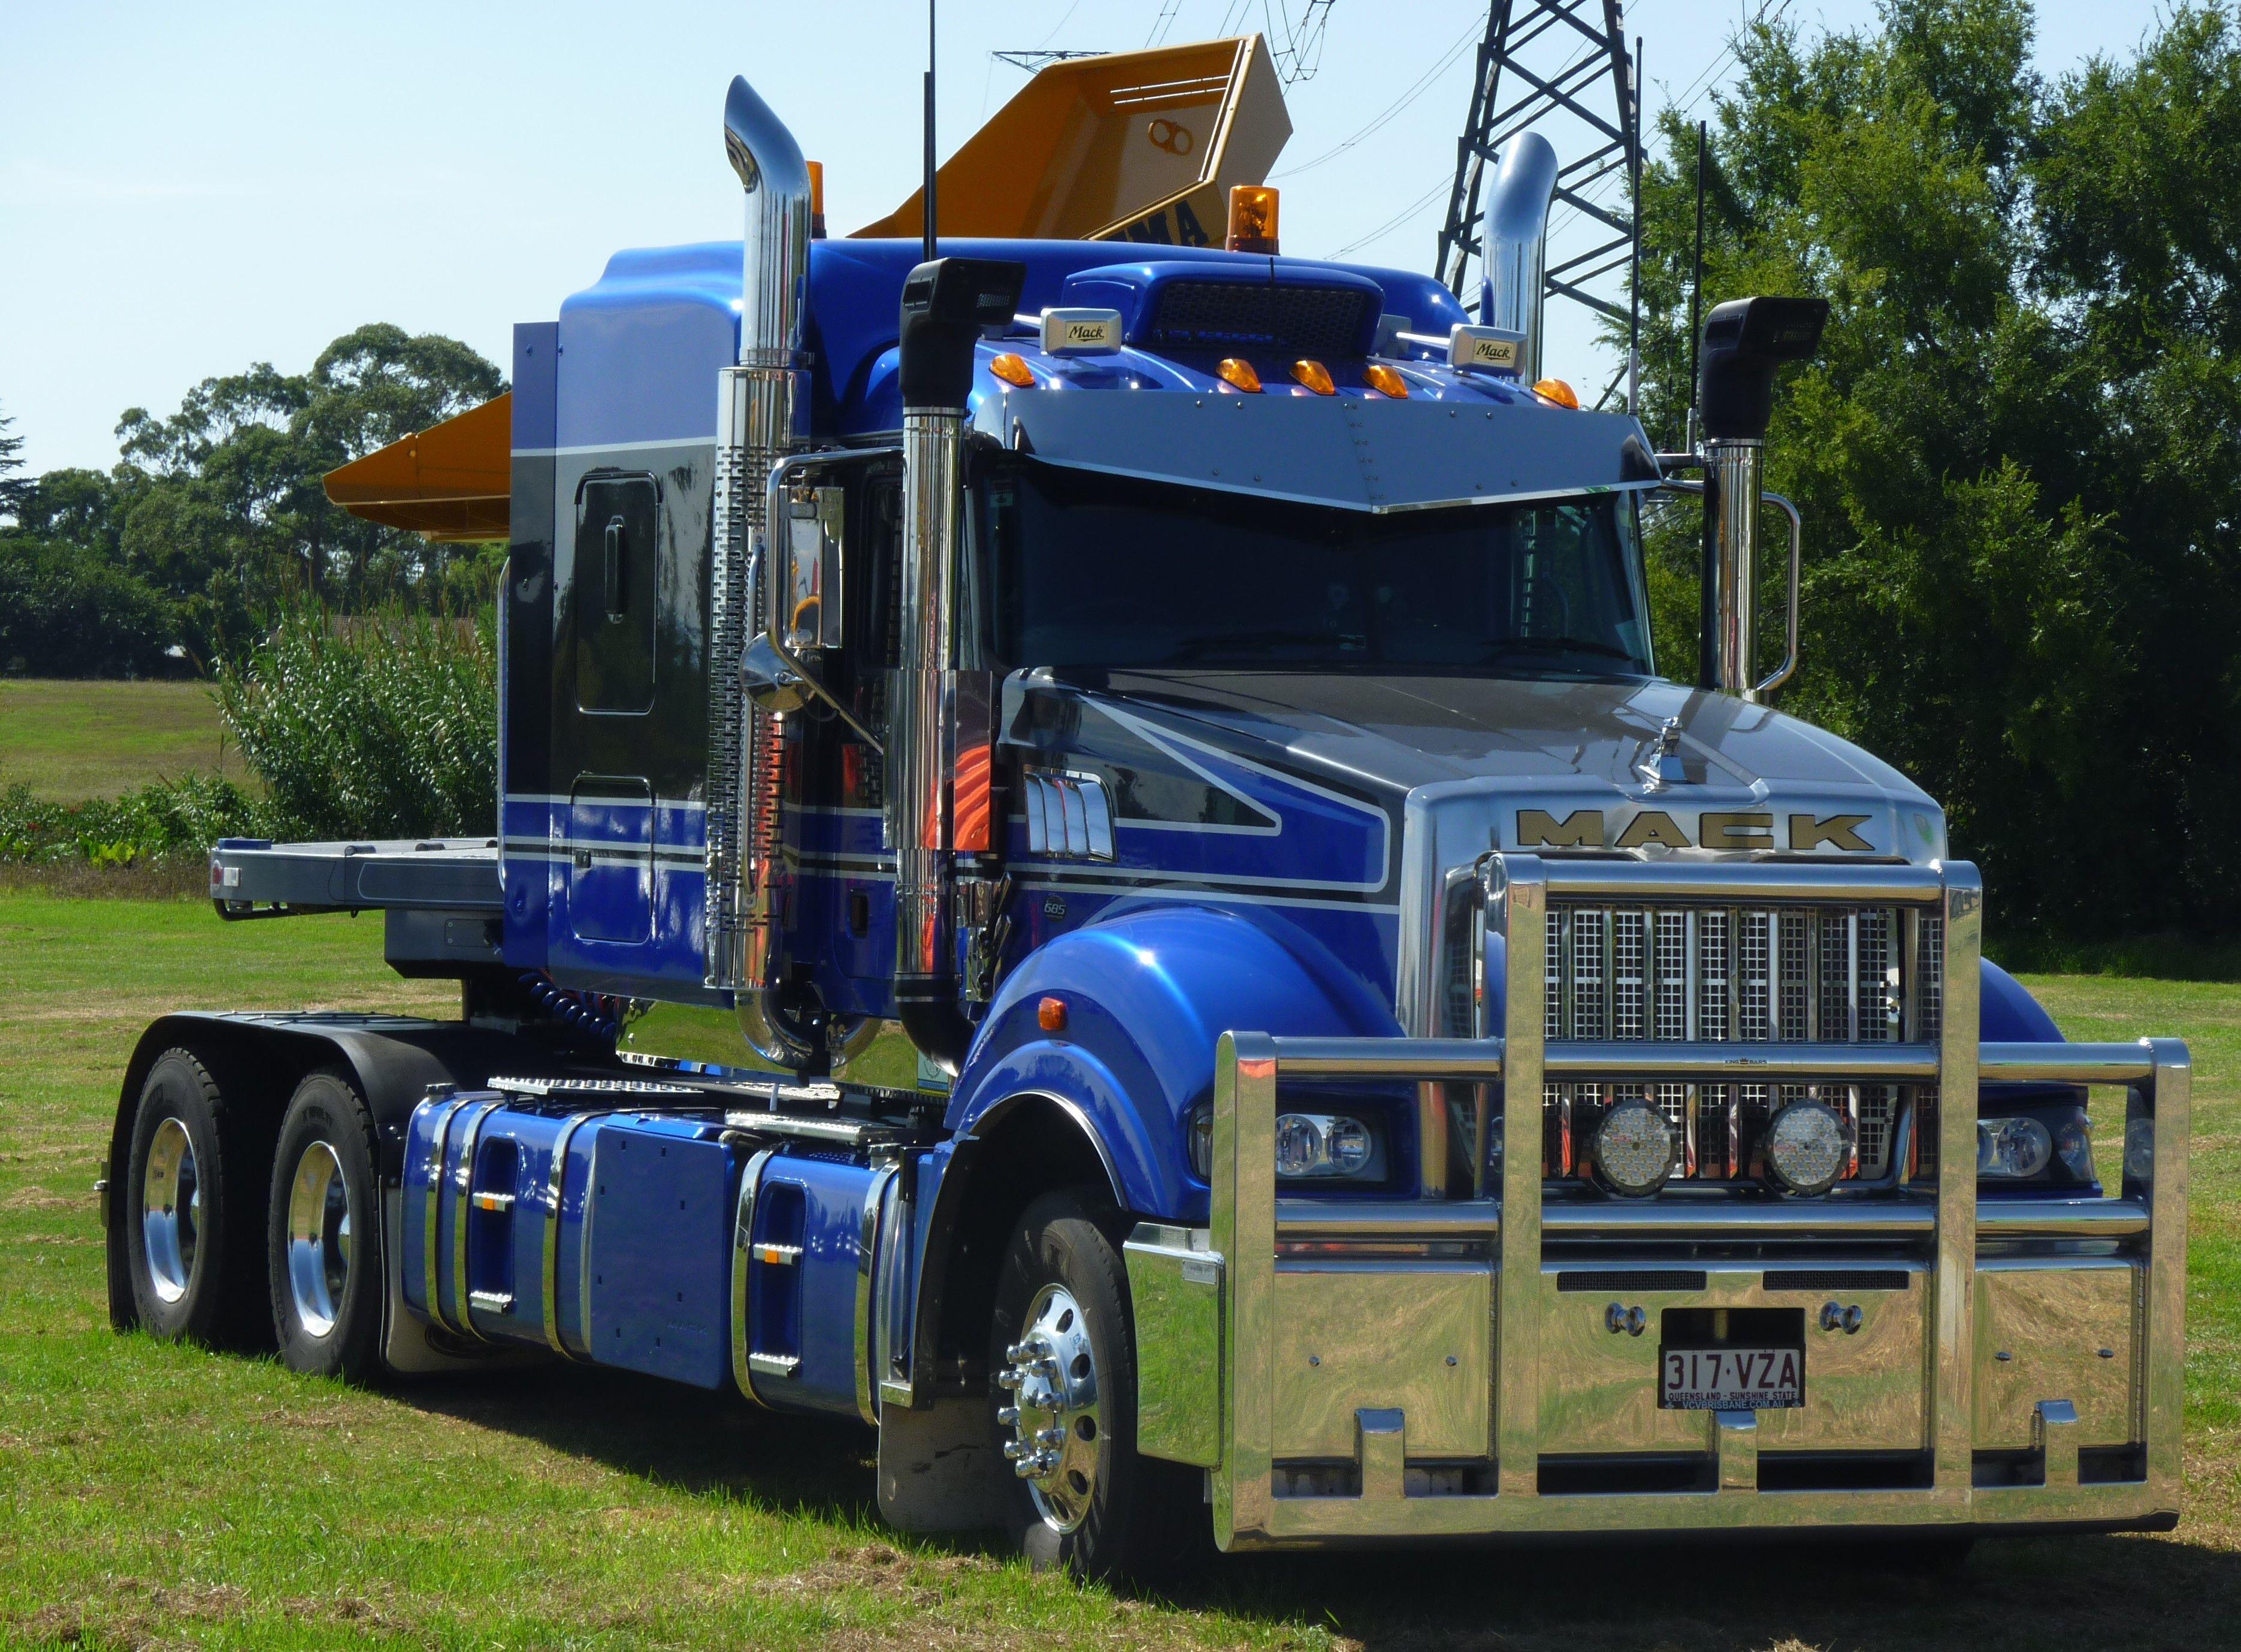 kenworth trucks mack trucks show trucks dump trucks  [ 3741 x 2758 Pixel ]